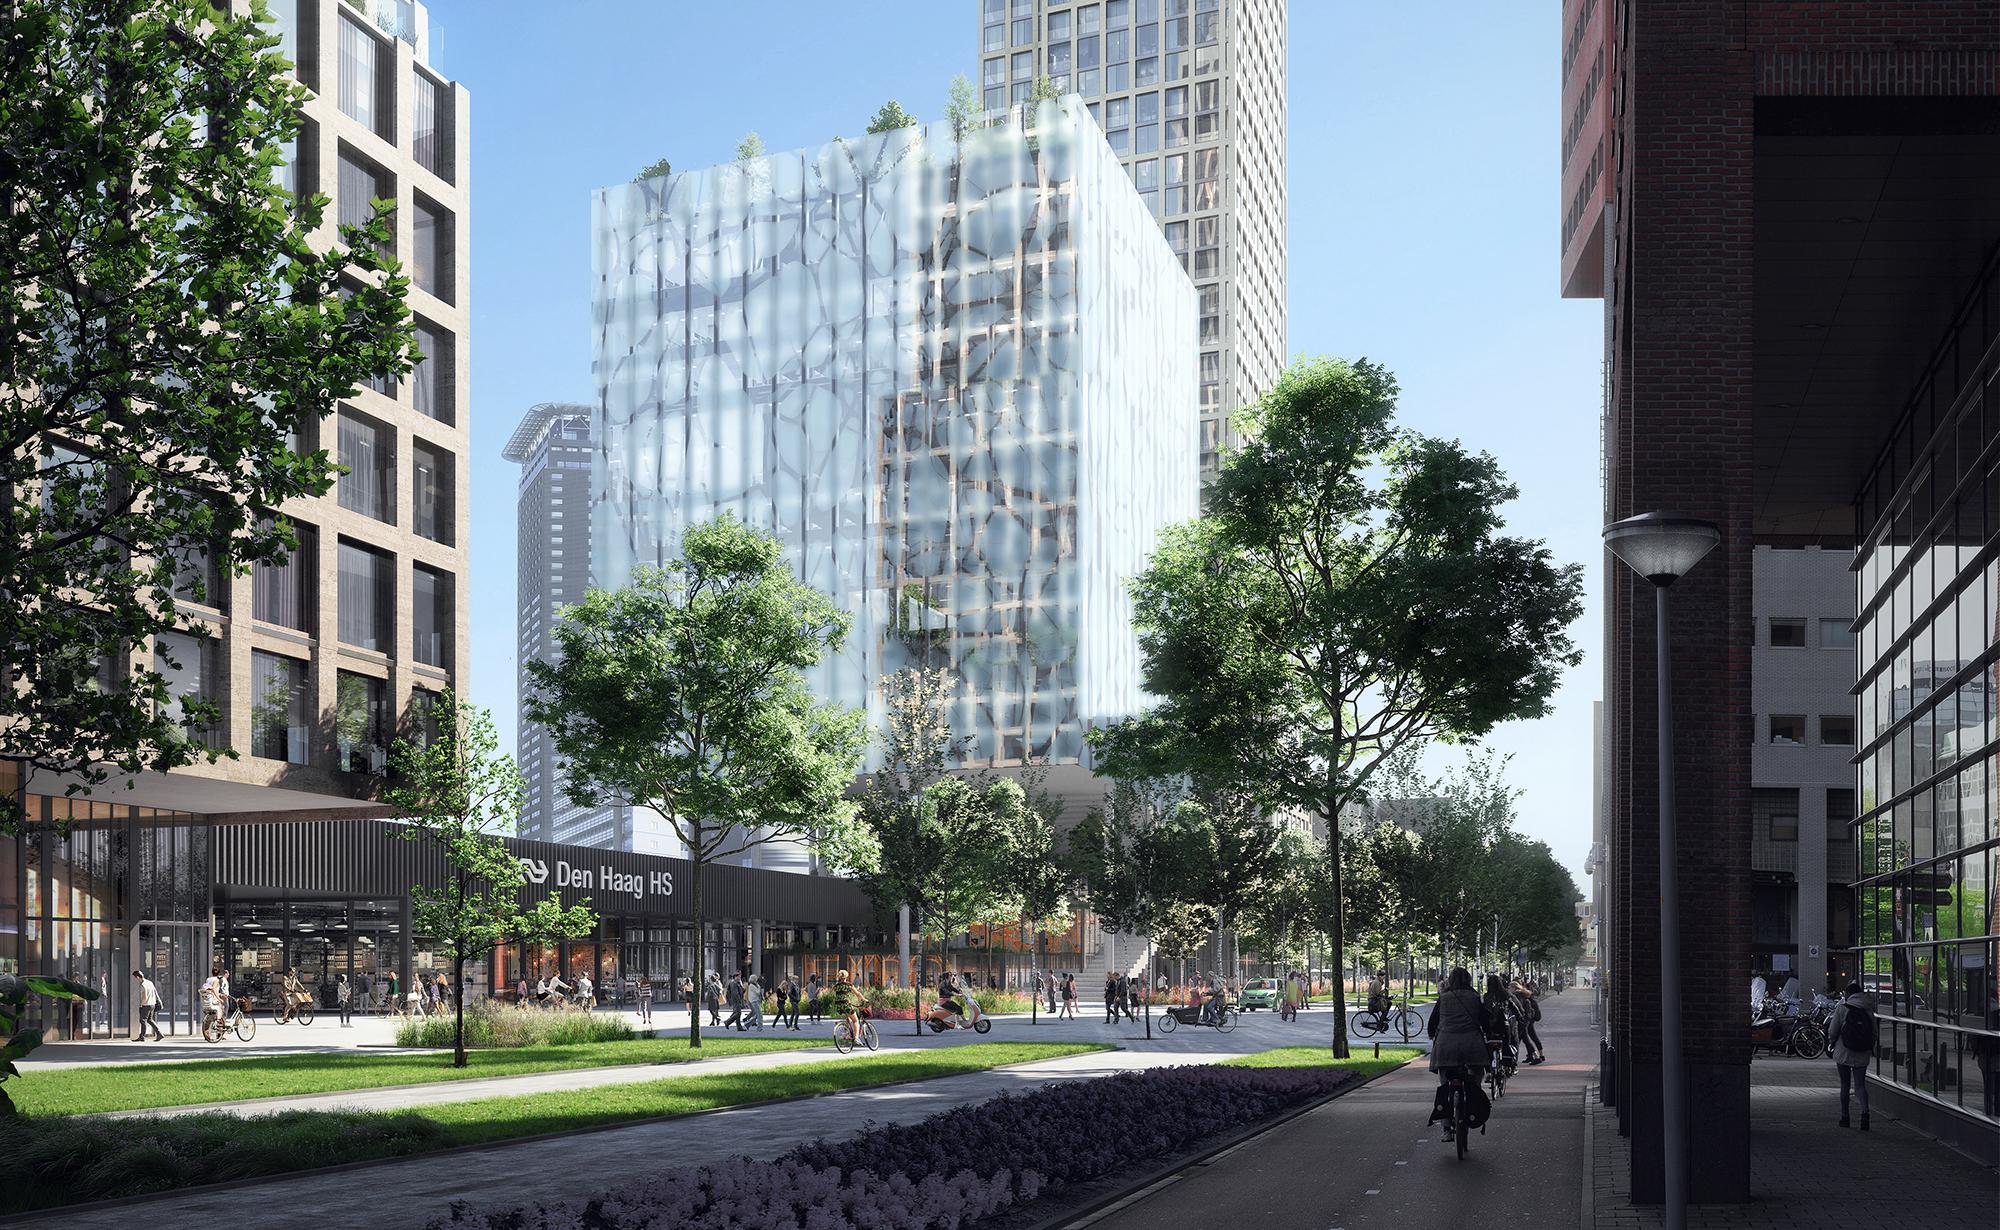 <p>HS Kwartier Den Haag door KCAP, beeld KCAP en WAX</p>